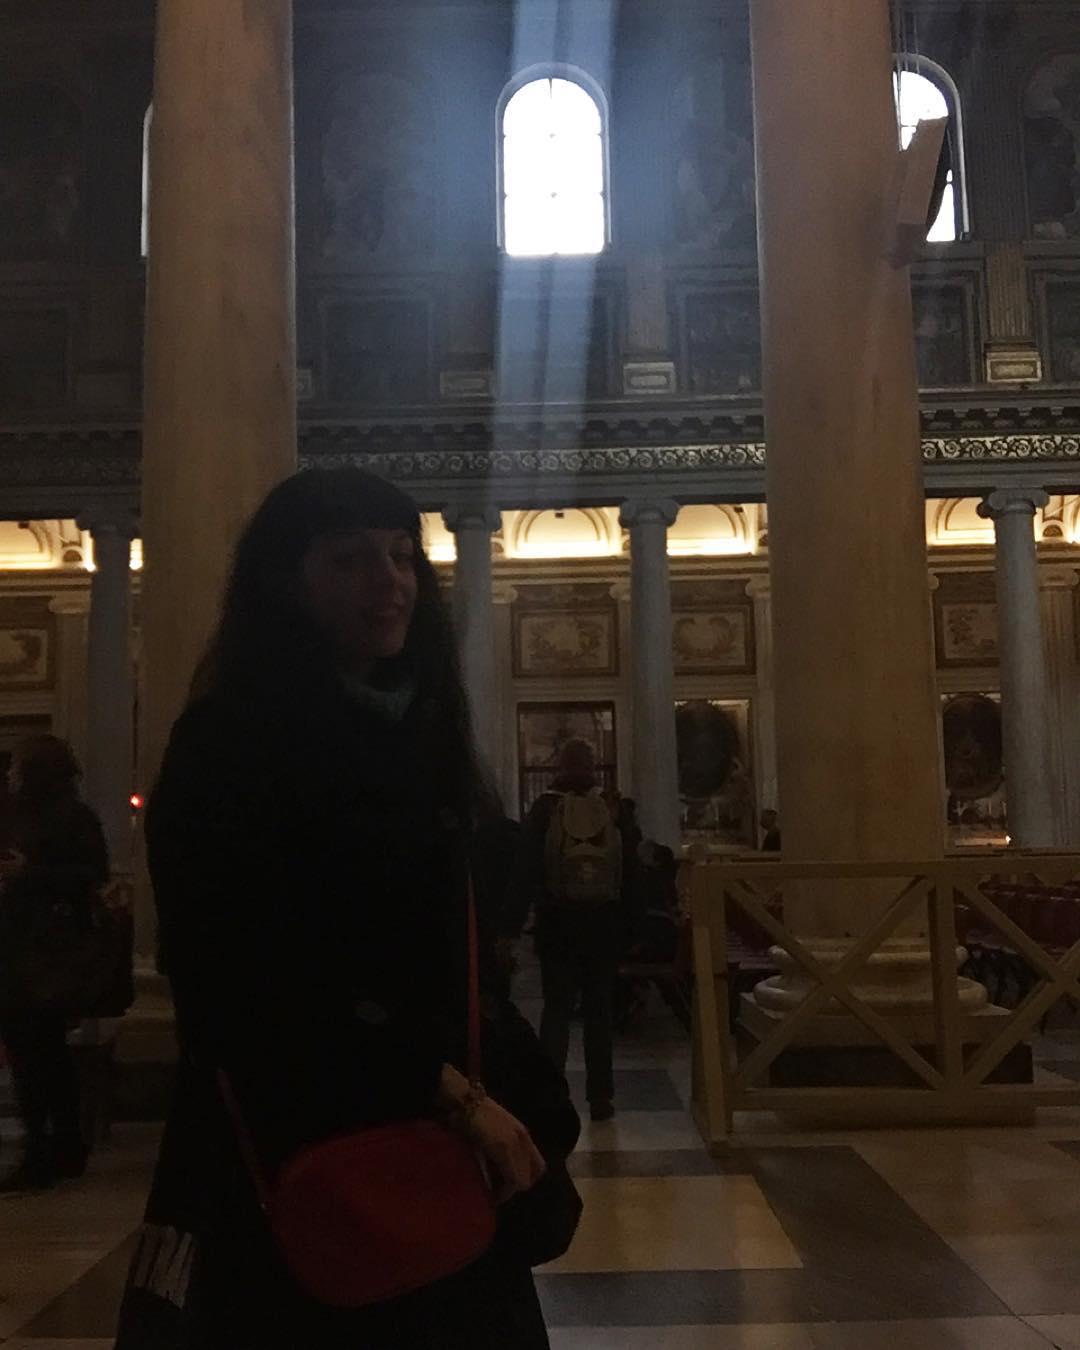 Aquí estoy, de visita a la puerta santa de la basílica romana de Santa Maria Maggiore